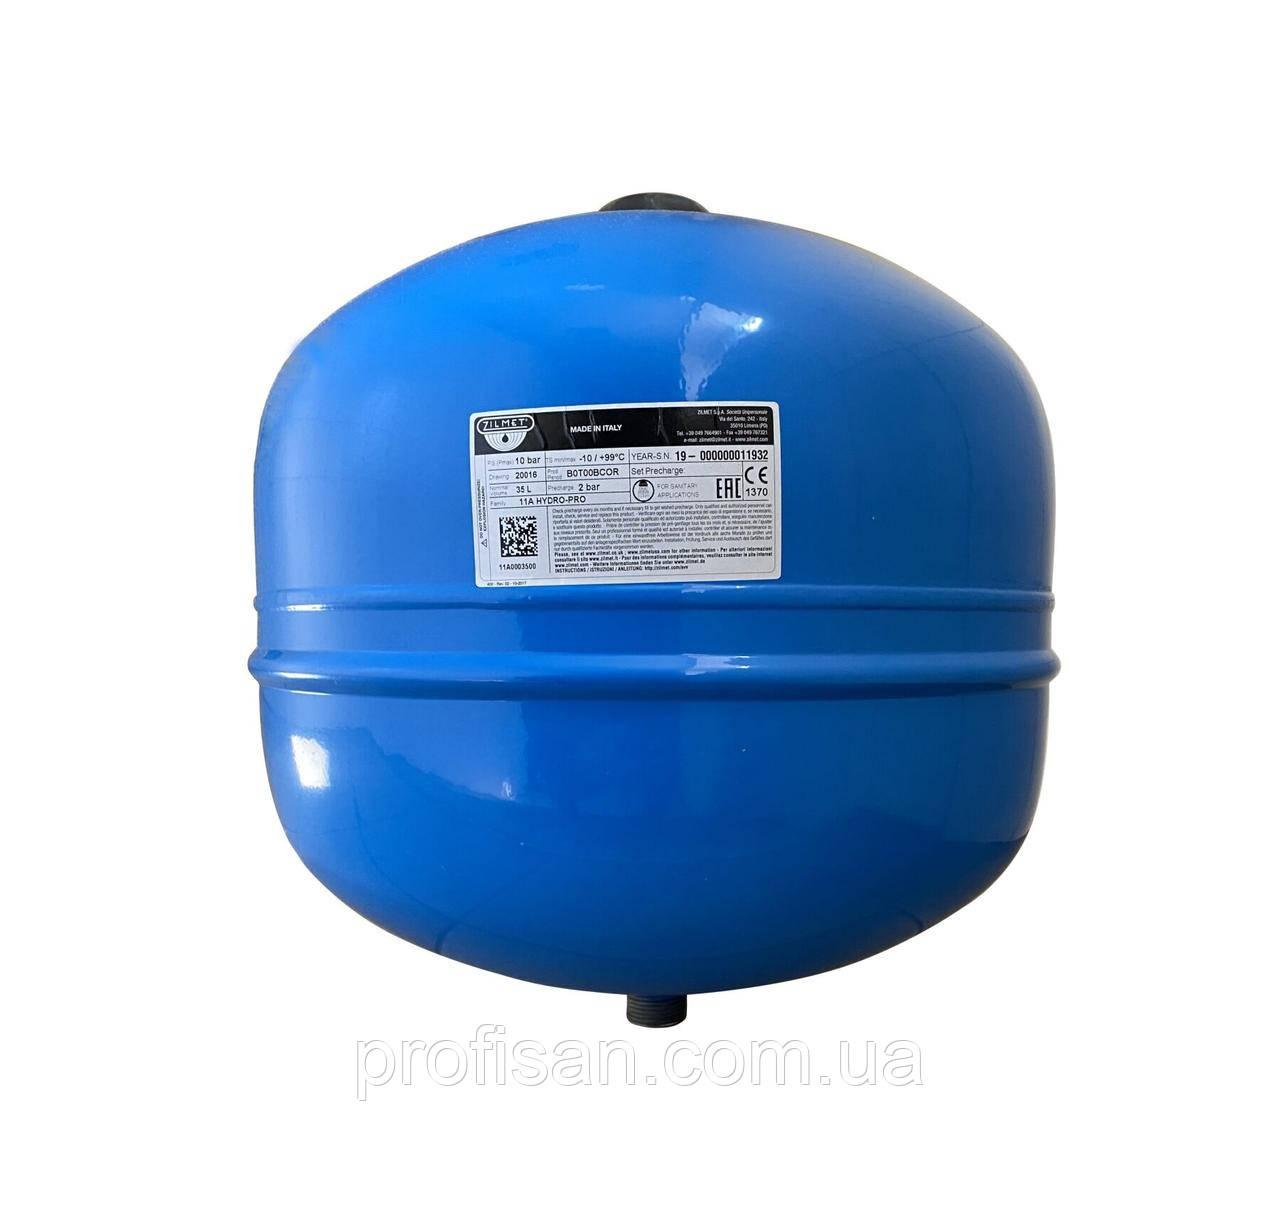 Гидроаккумулятор ZILMET HYDRO-pro 35 л